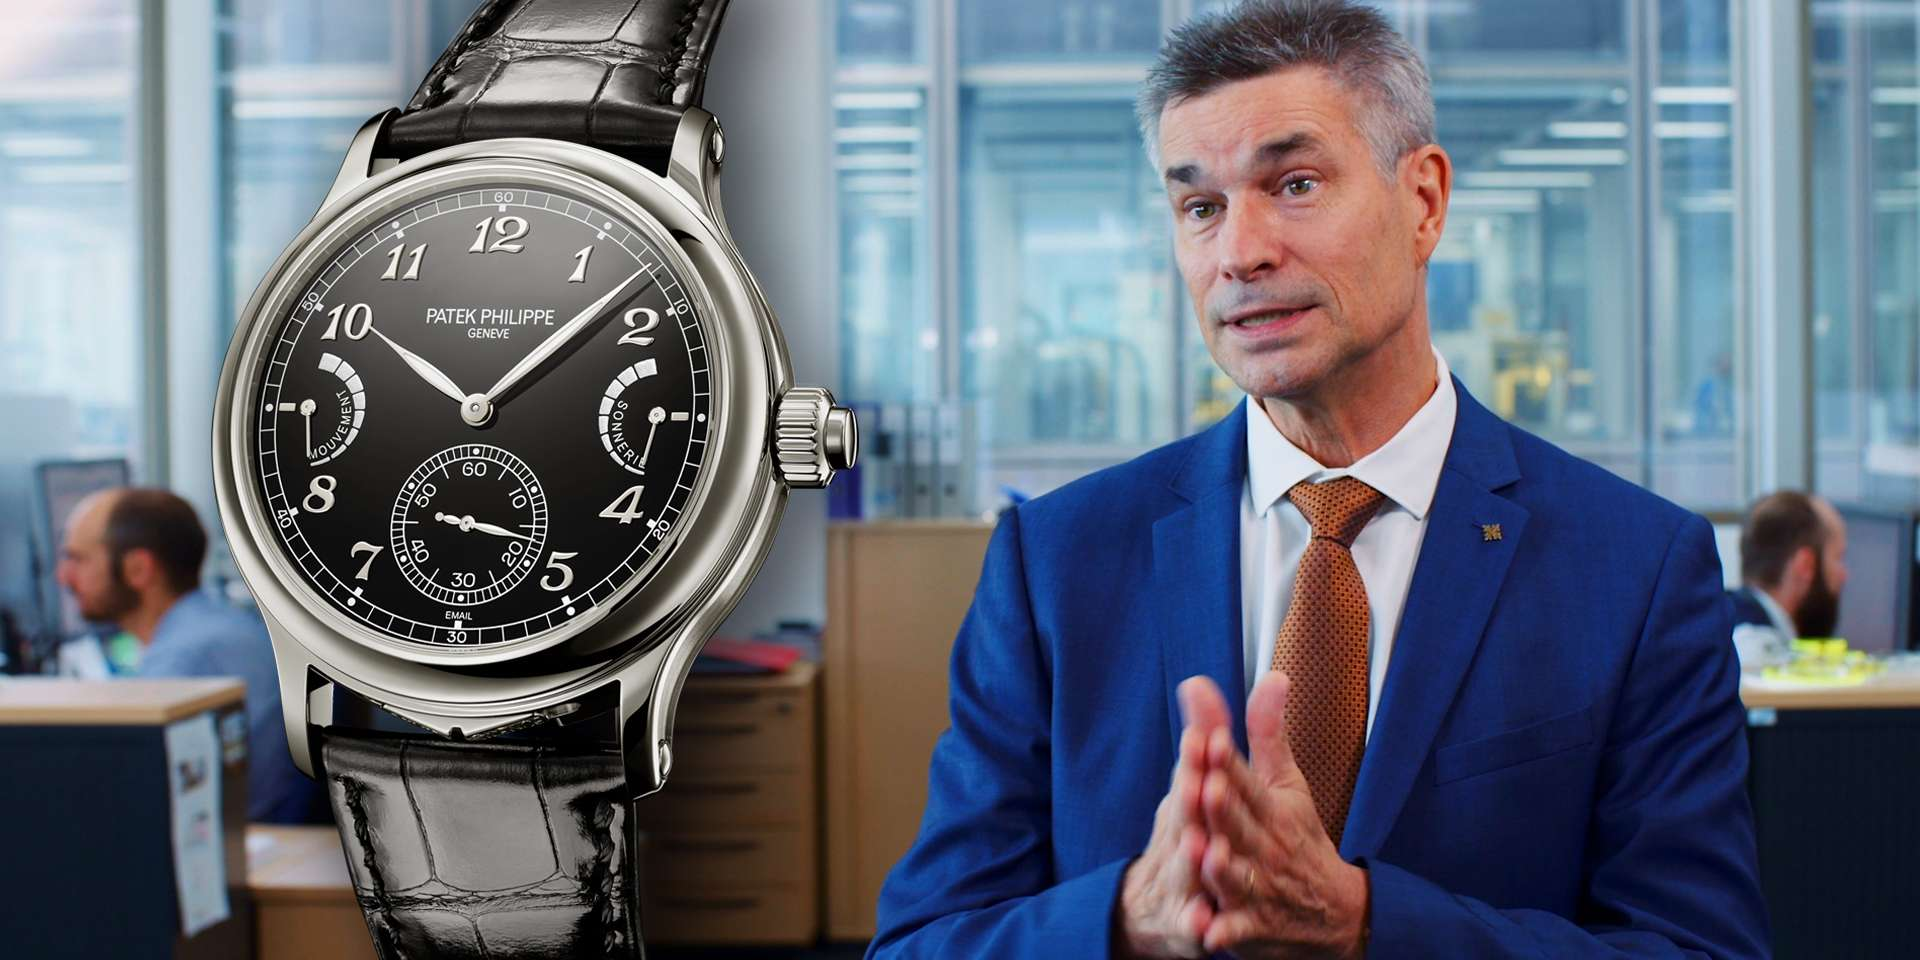 百達翡麗6301P-001大自鳴腕錶三個內行人才知道的門道,讓技術研發經理Philip Barat先生來告訴你